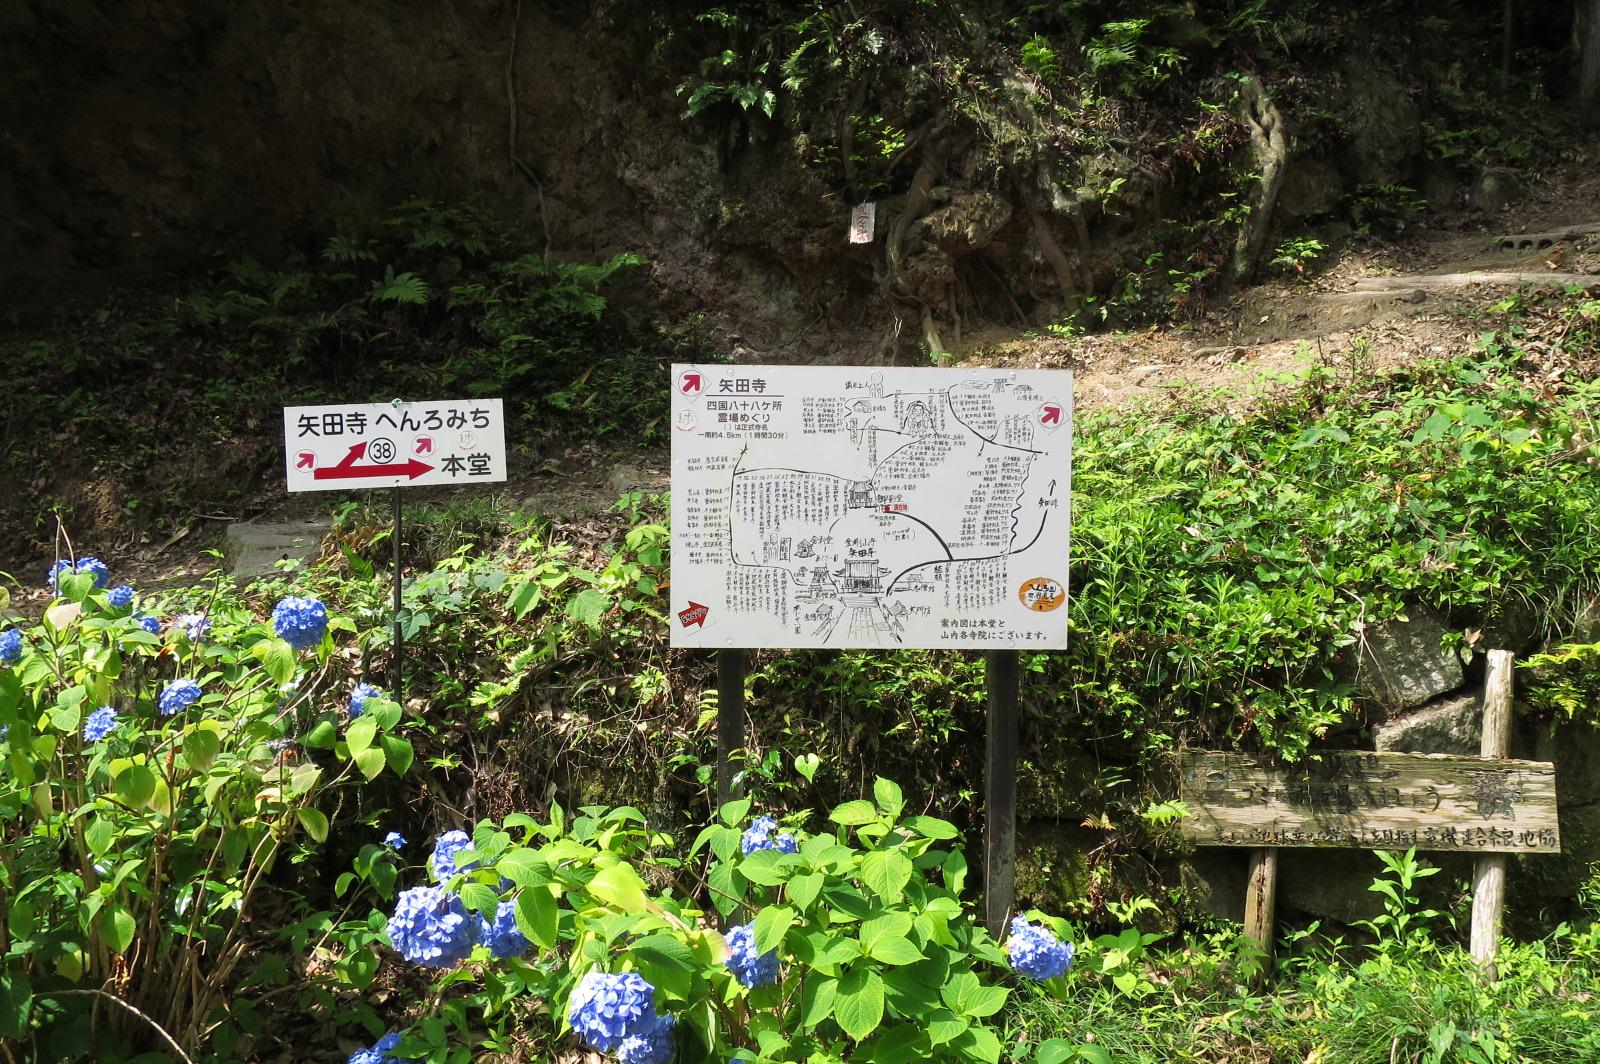 四国八十八ヶ所霊場めぐりもココから参加できます。